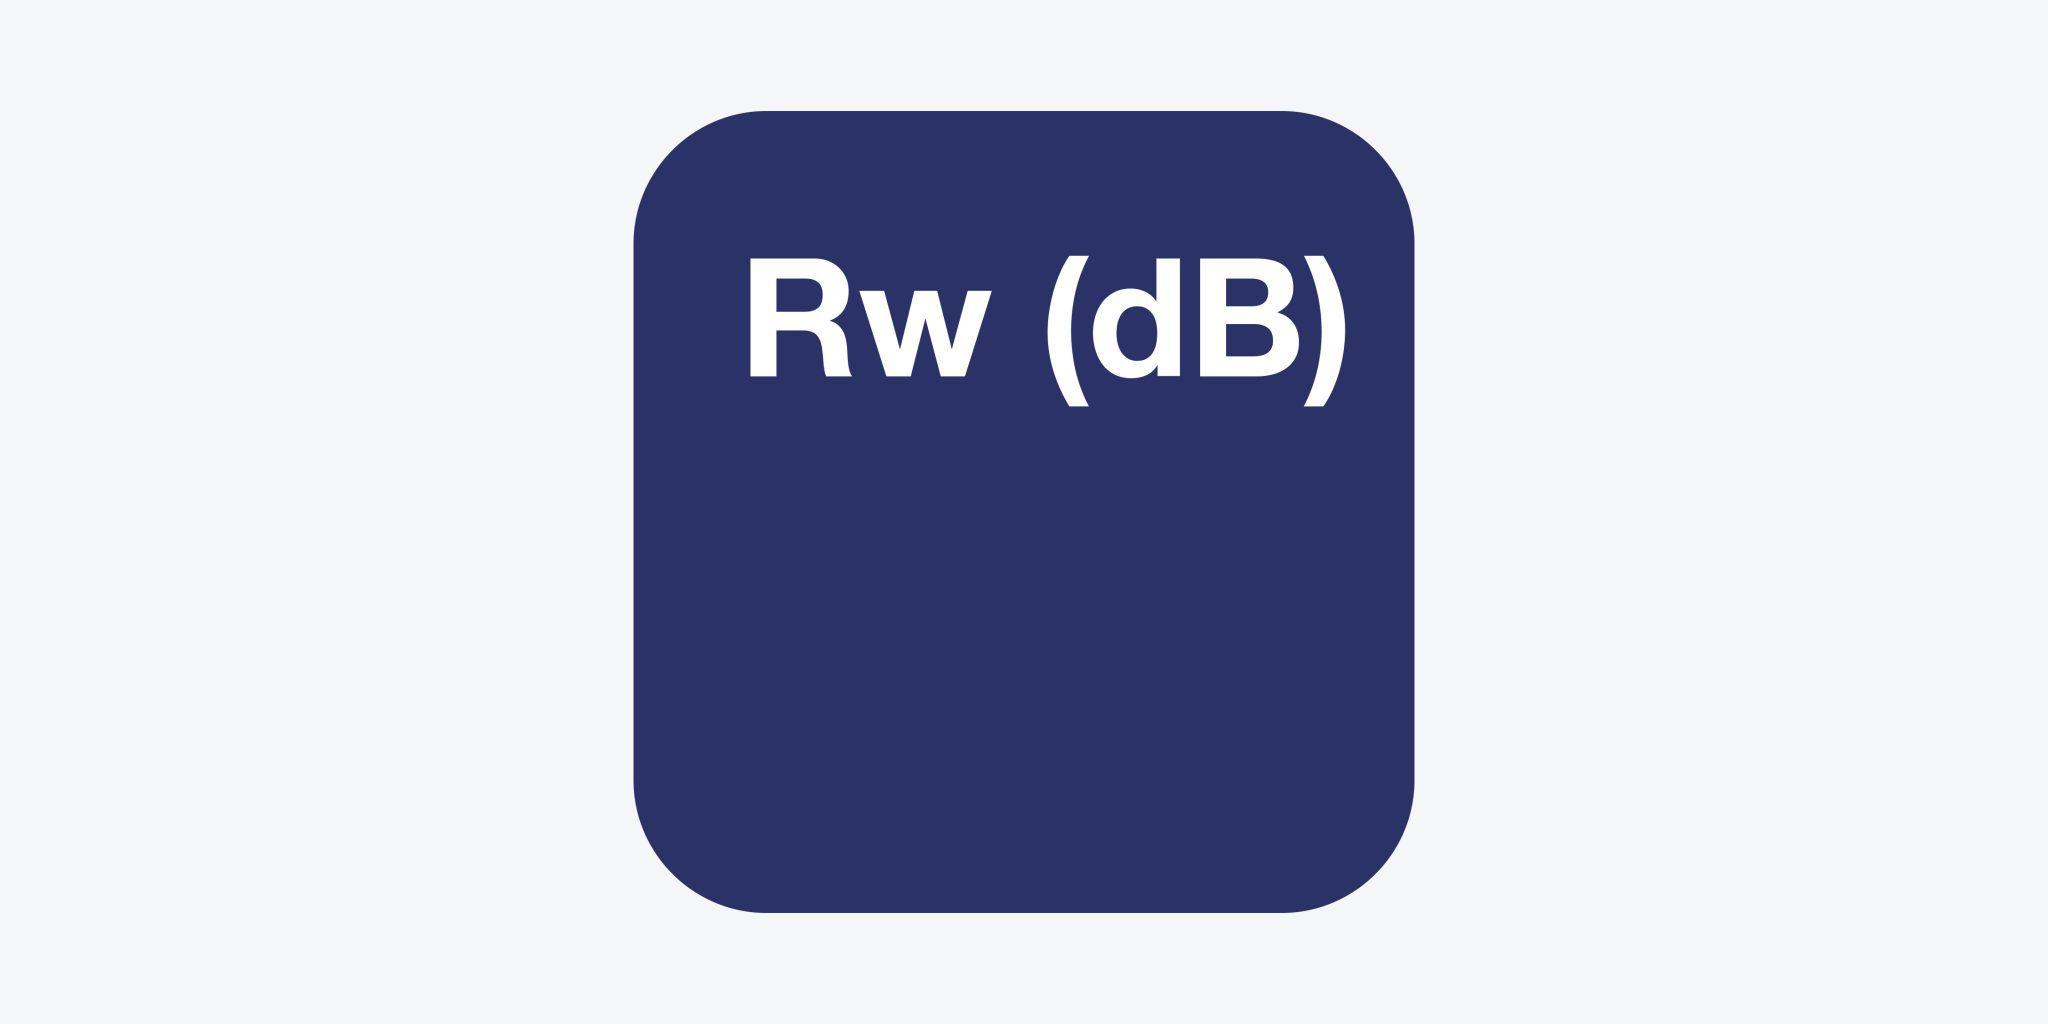 Base de Datos de ensayos de Índices Rw (dB)